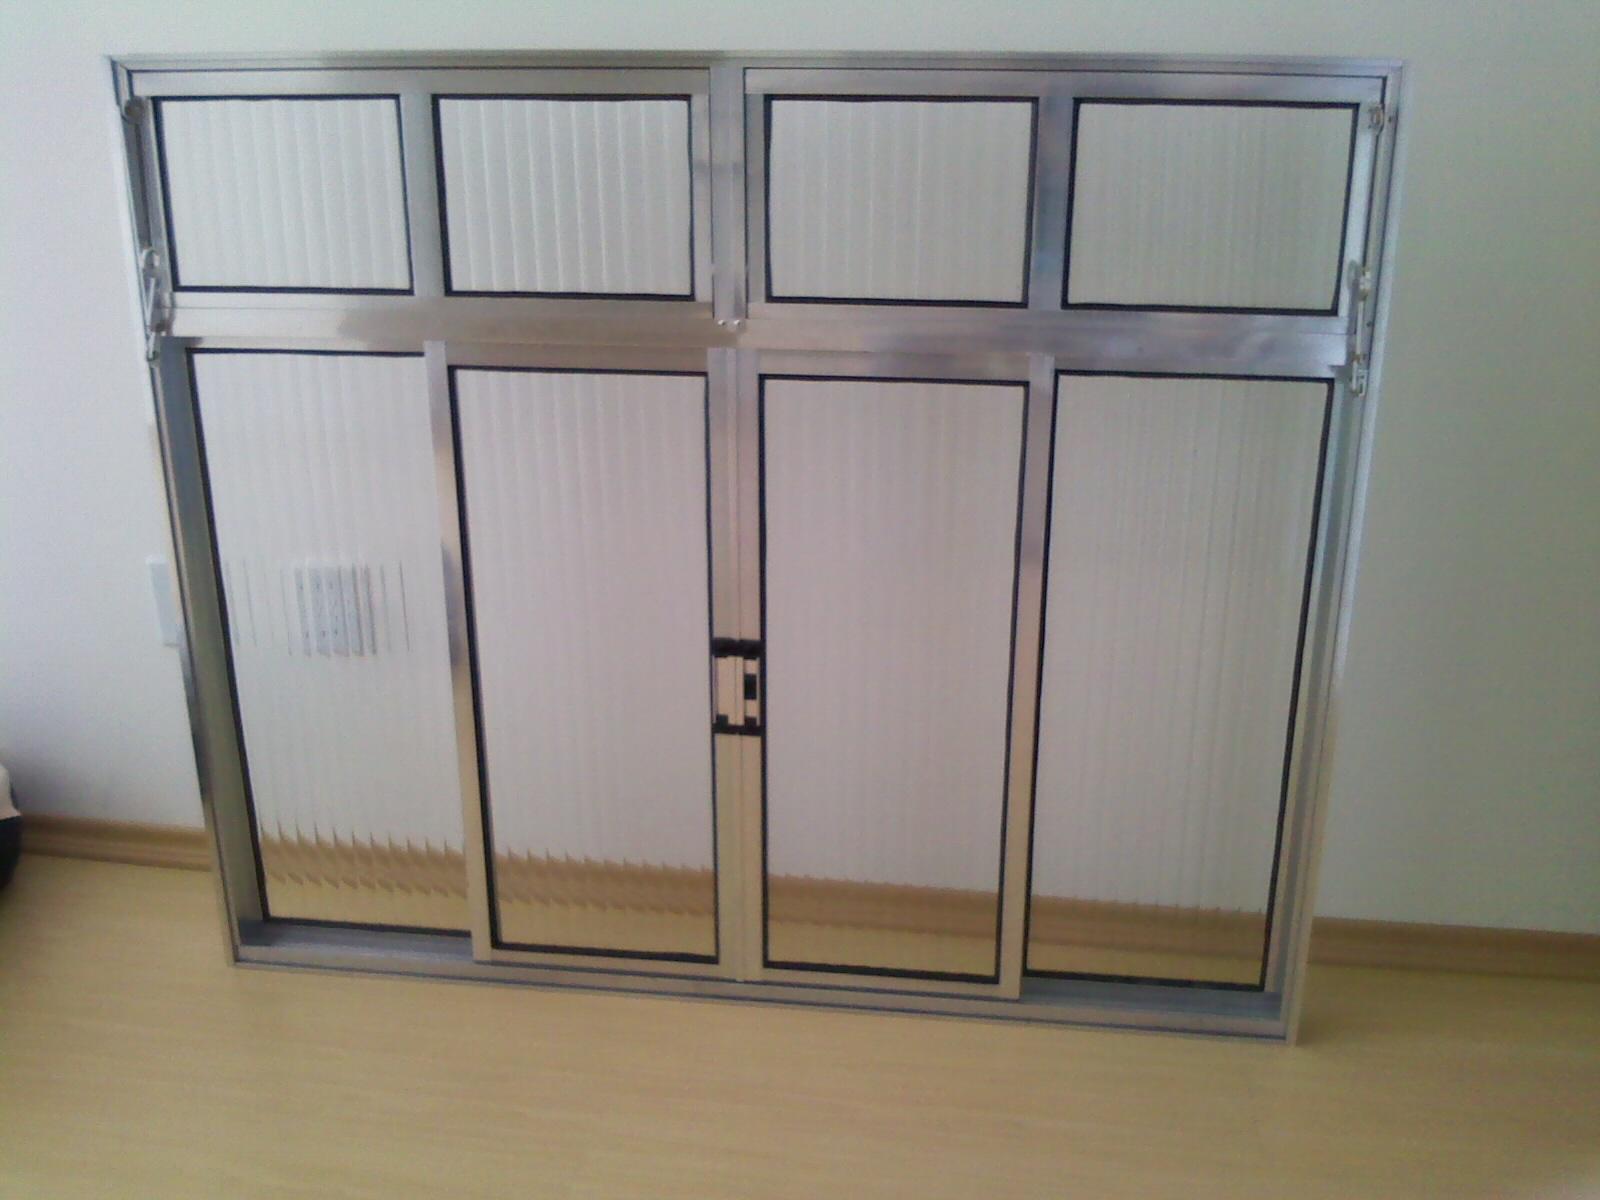 #5E4F38 Estou postando o modelo da janela caso alguem queira cotar em outros  1642 Janela De Aluminio Lavanderia